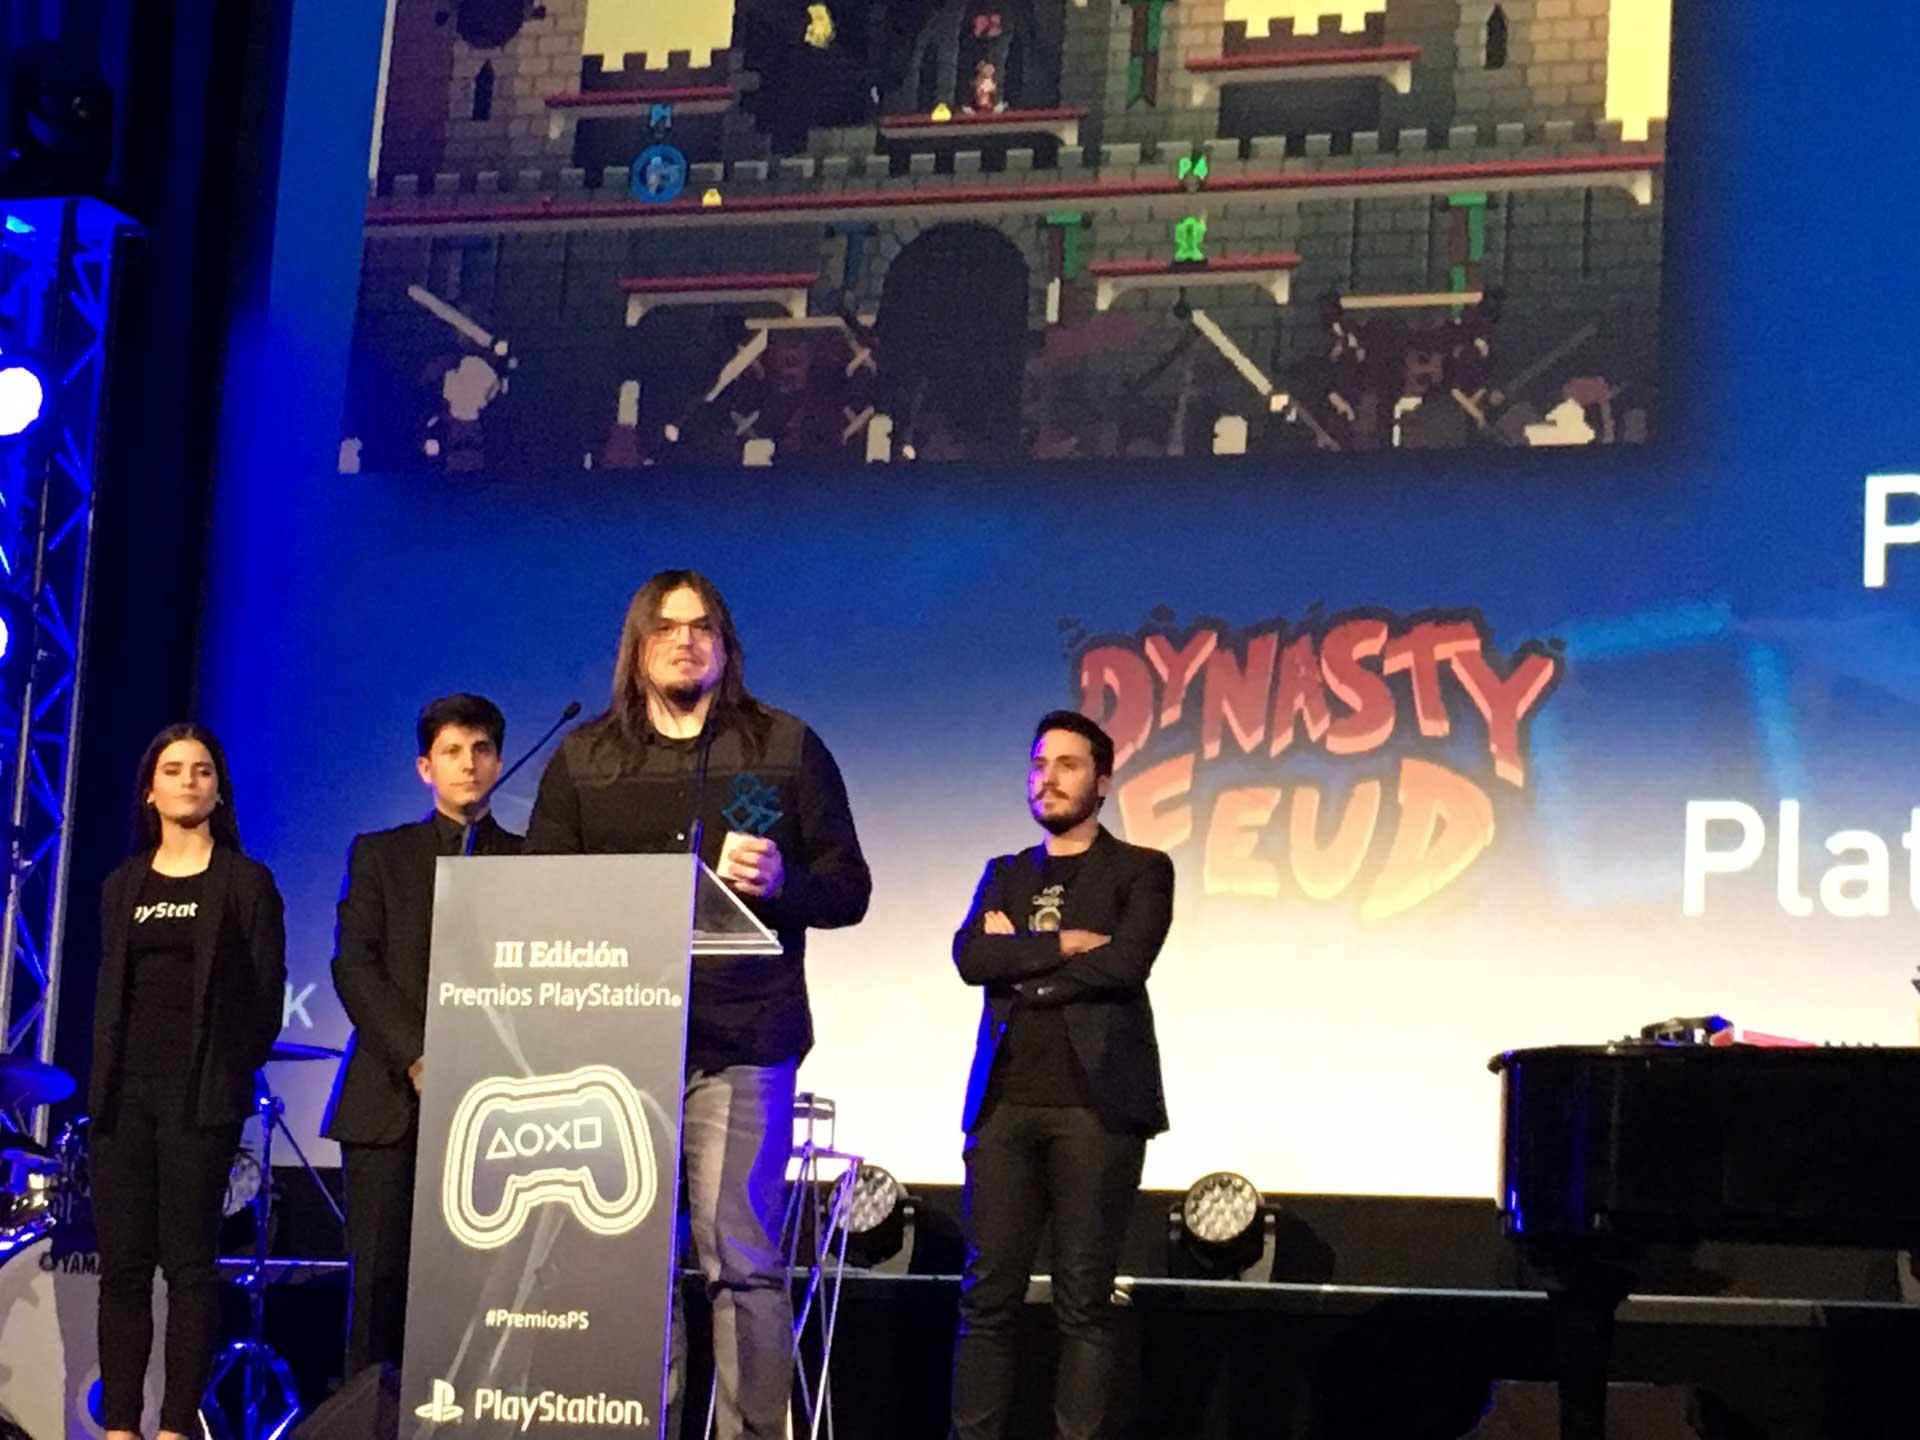 Dynasty Feud mejor uso plataformas playstation